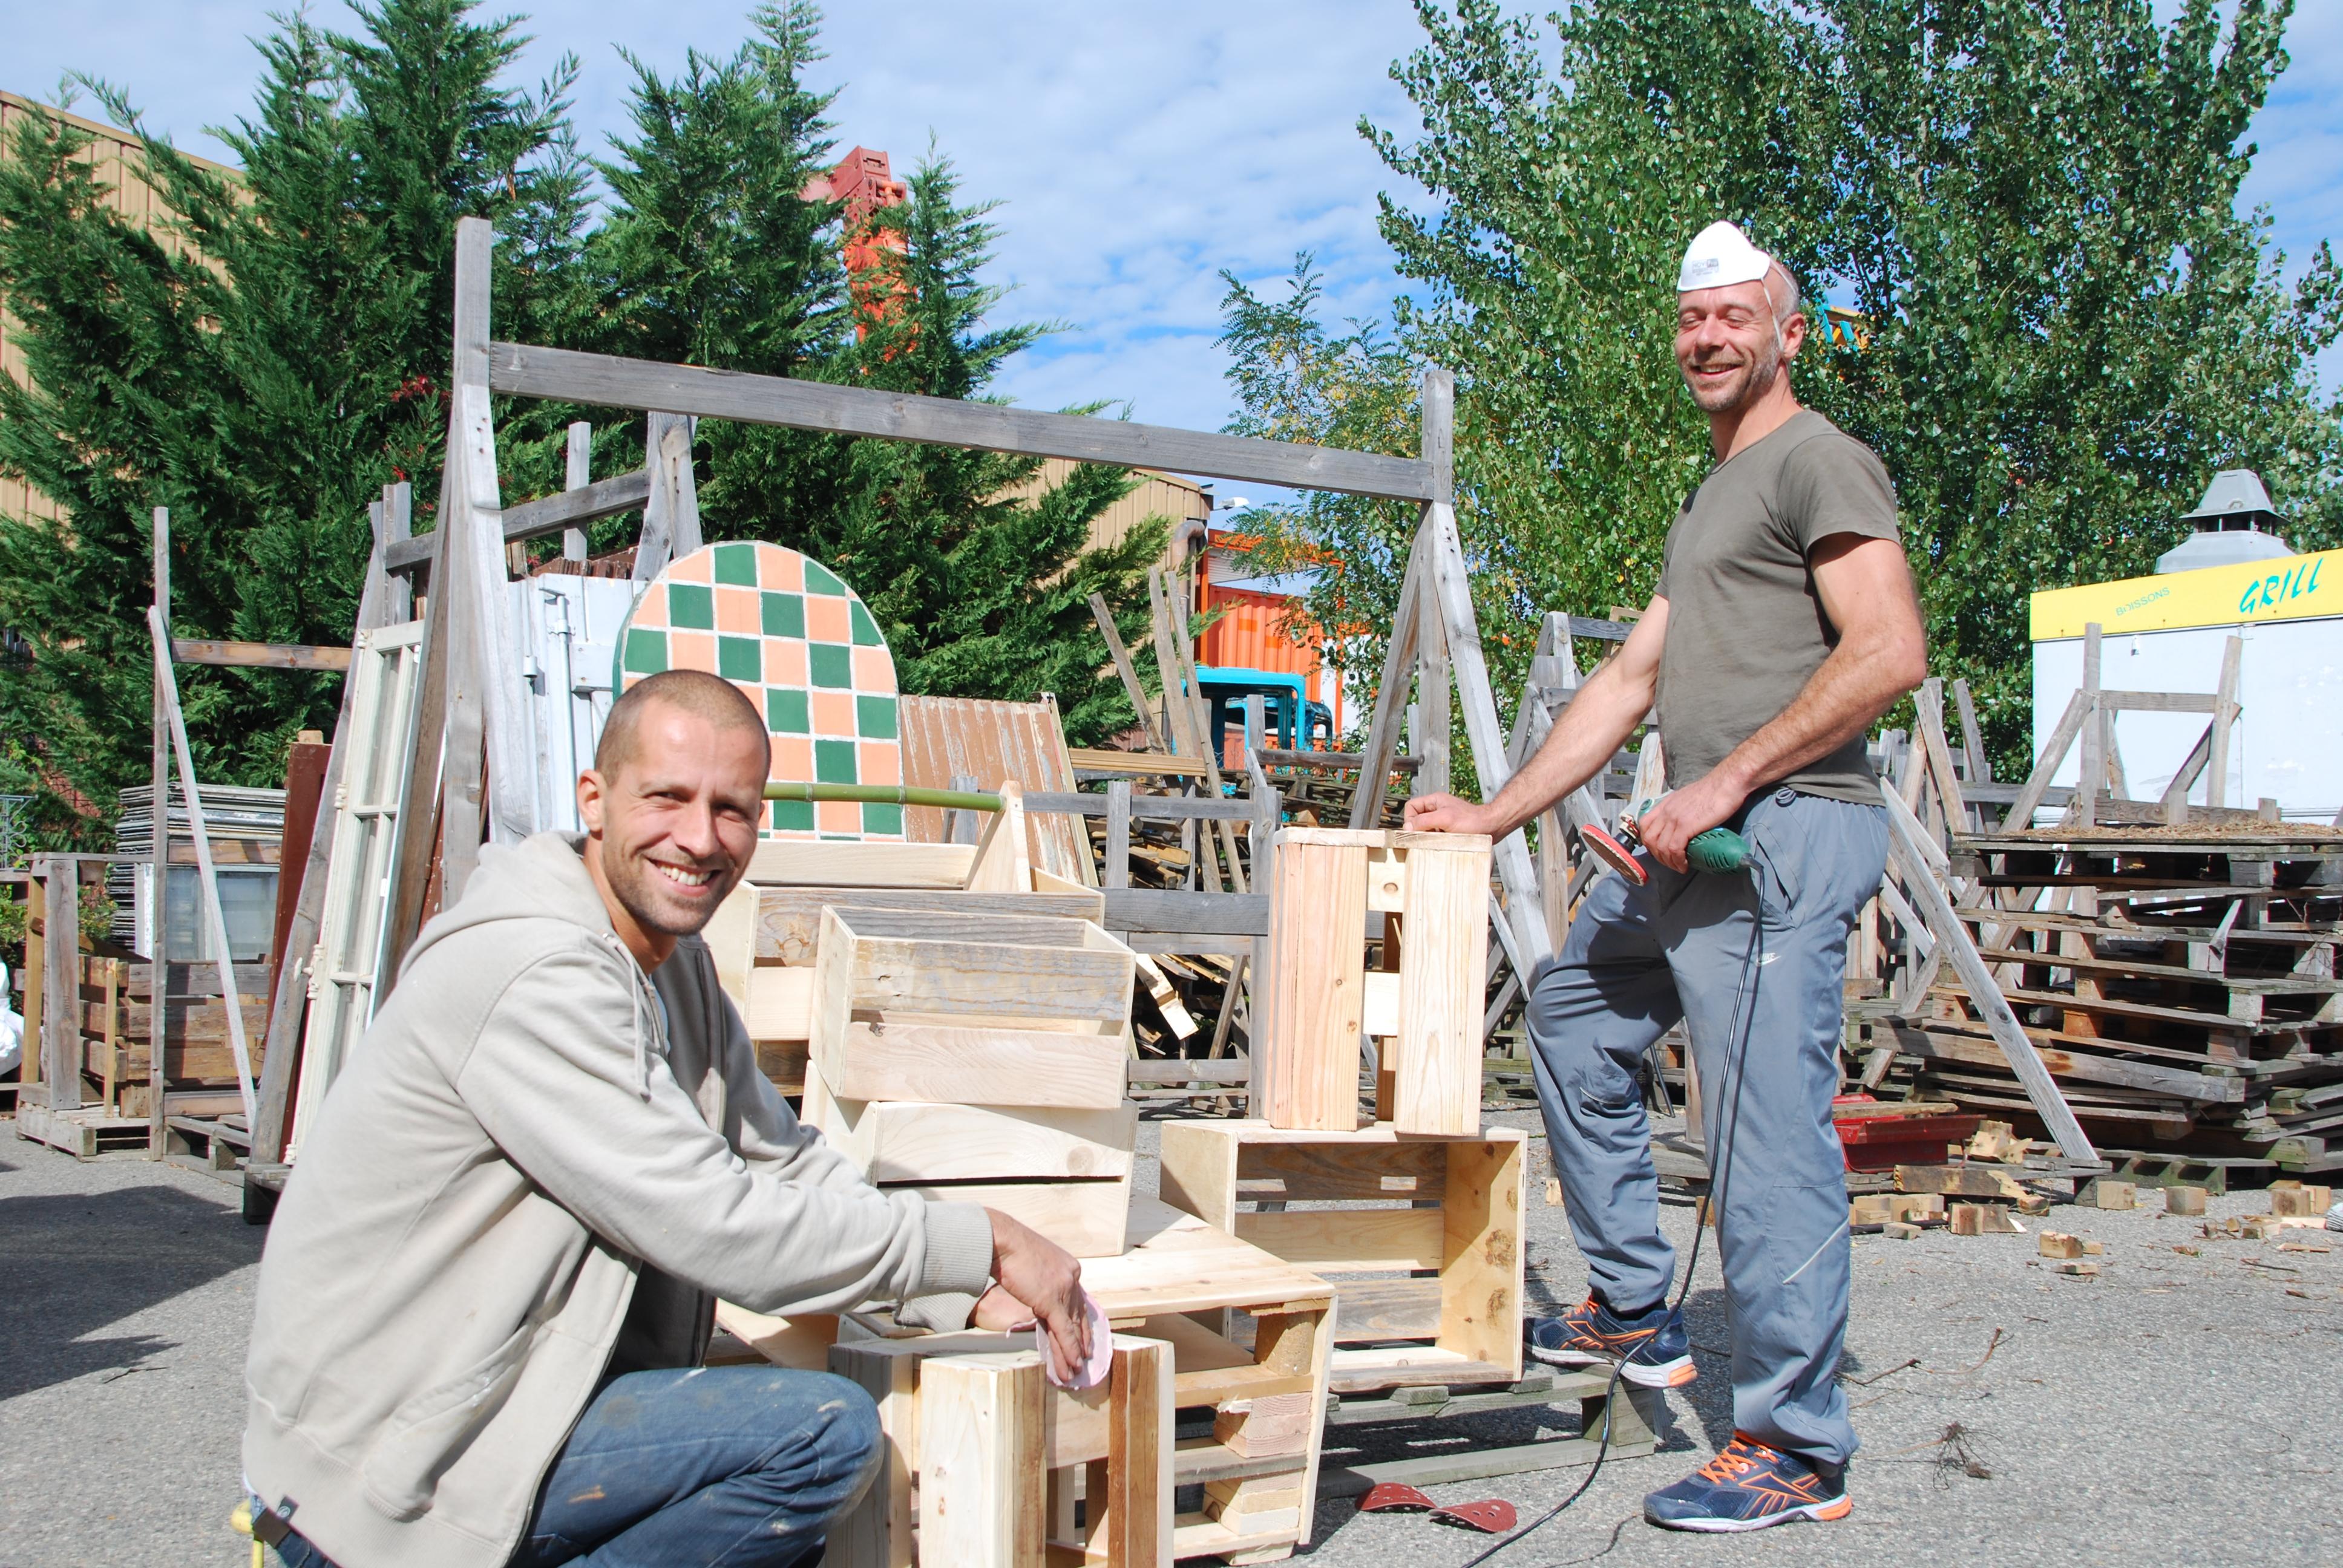 sur-le-parking-du-magasin-david-muse-et-edouard-baudouin-fabriquent-du-mobilier